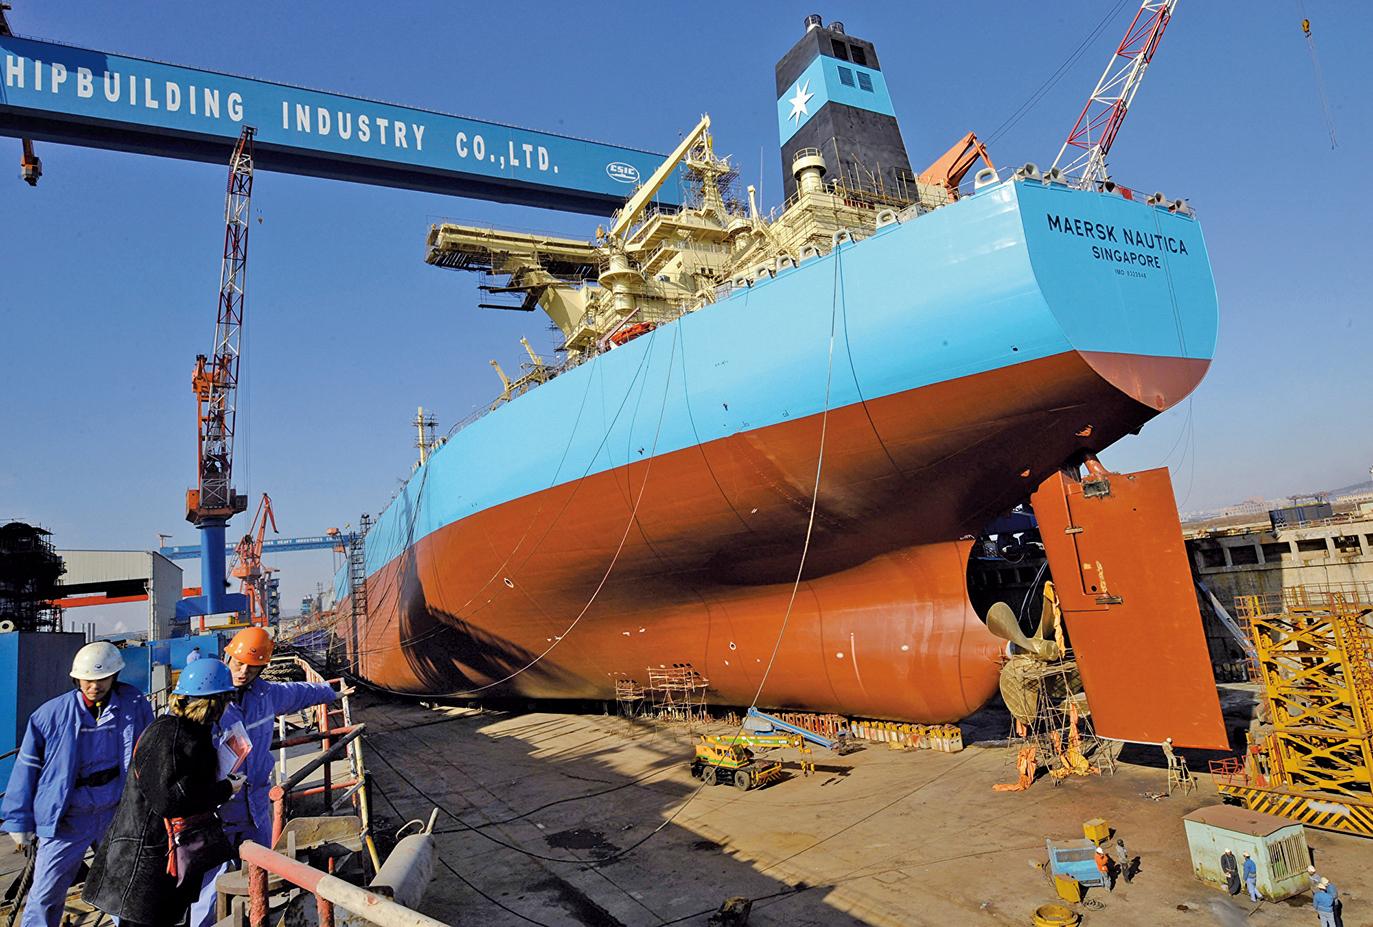 彭博社報道說,在美國對伊朗實施石油禁運制裁之後,仍有大量石油被運往中國,儲存在多個港口內。圖為2008年2月15日,大連港口的一艘油輪。(AFP)